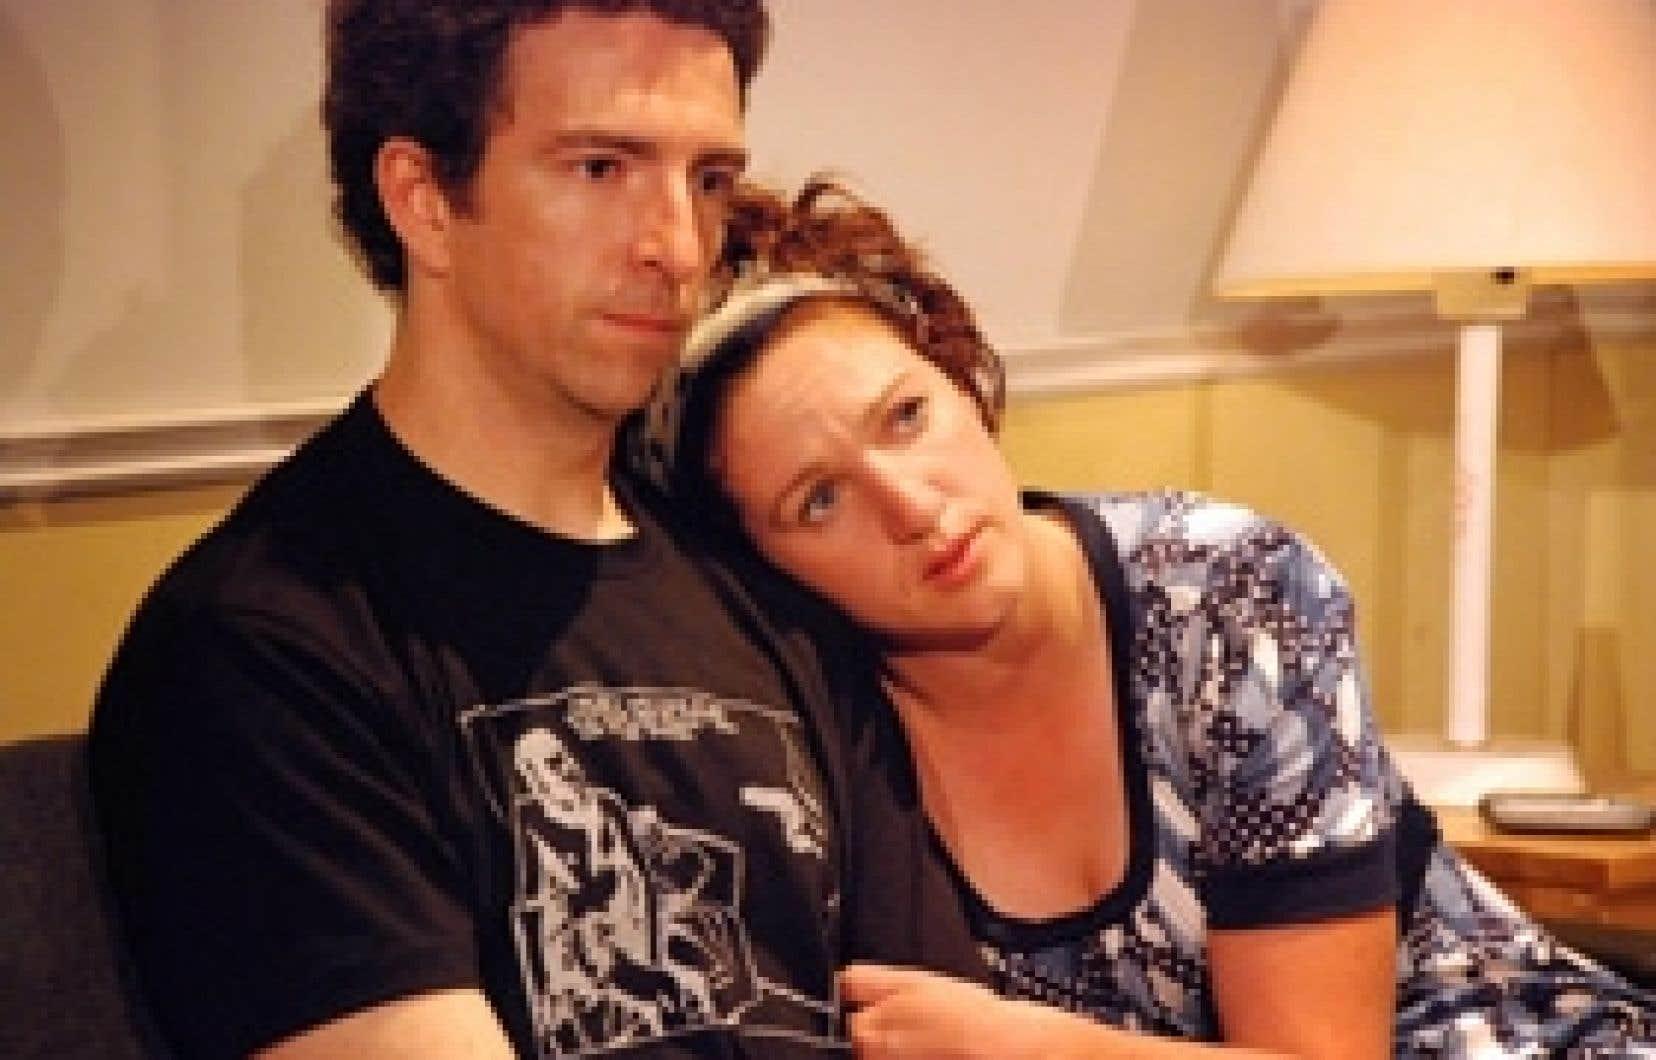 Luc Bourgeois et Mélanie St-Laurent dans l'une des trois courtes pièces de Semi-détaché. Photo: François Larivière